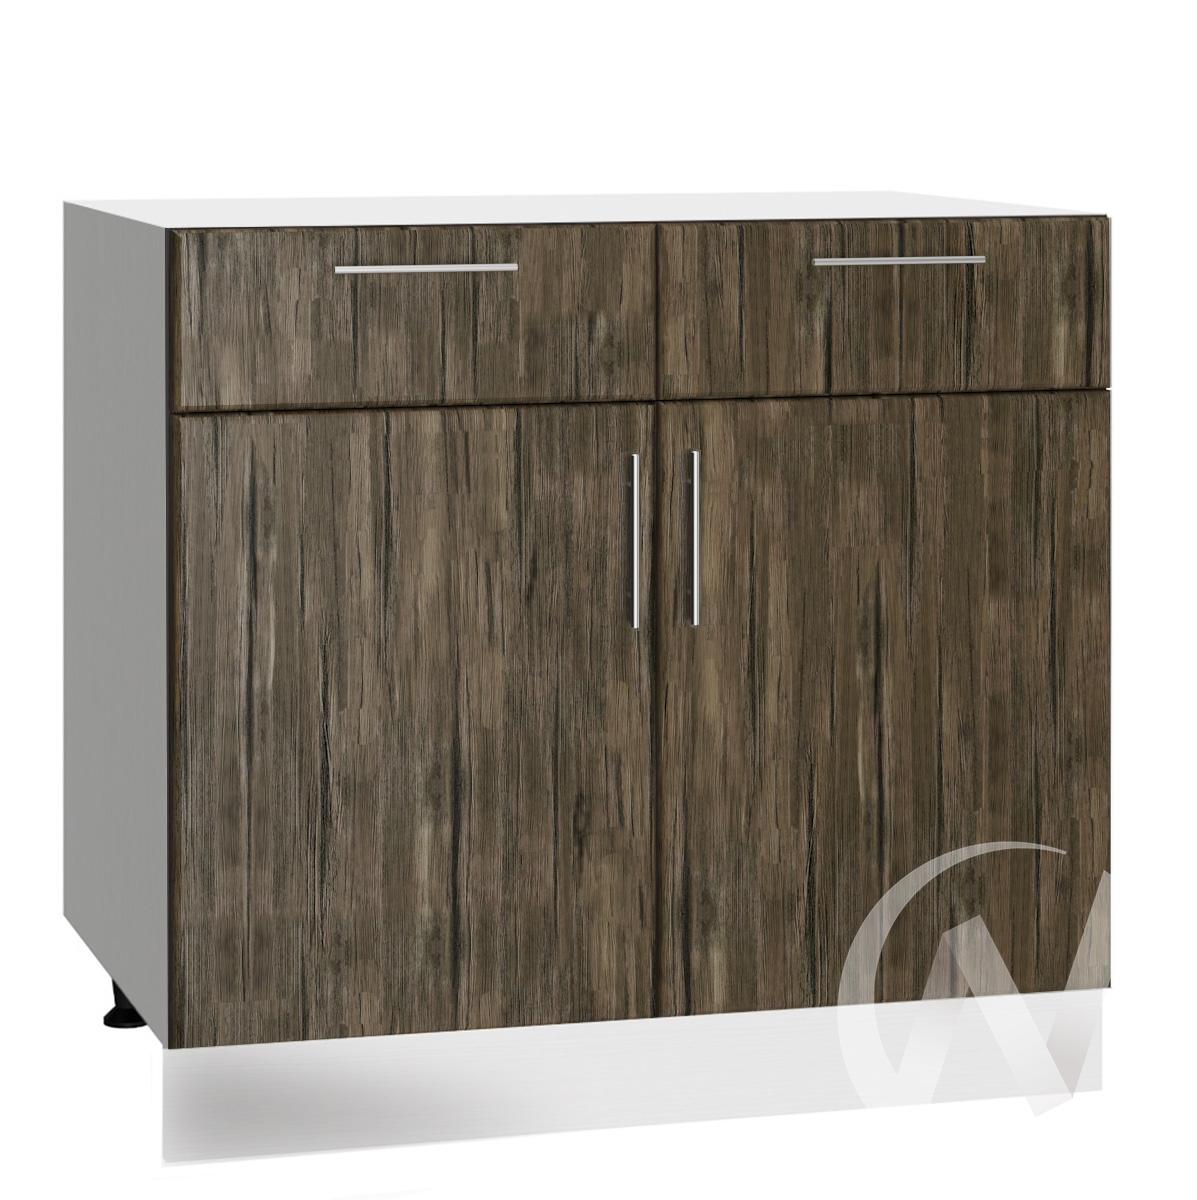 """Кухня """"Норден"""": Шкаф нижний с ящиками 800, ШН1Я 800 (старое дерево/корпус белый)"""